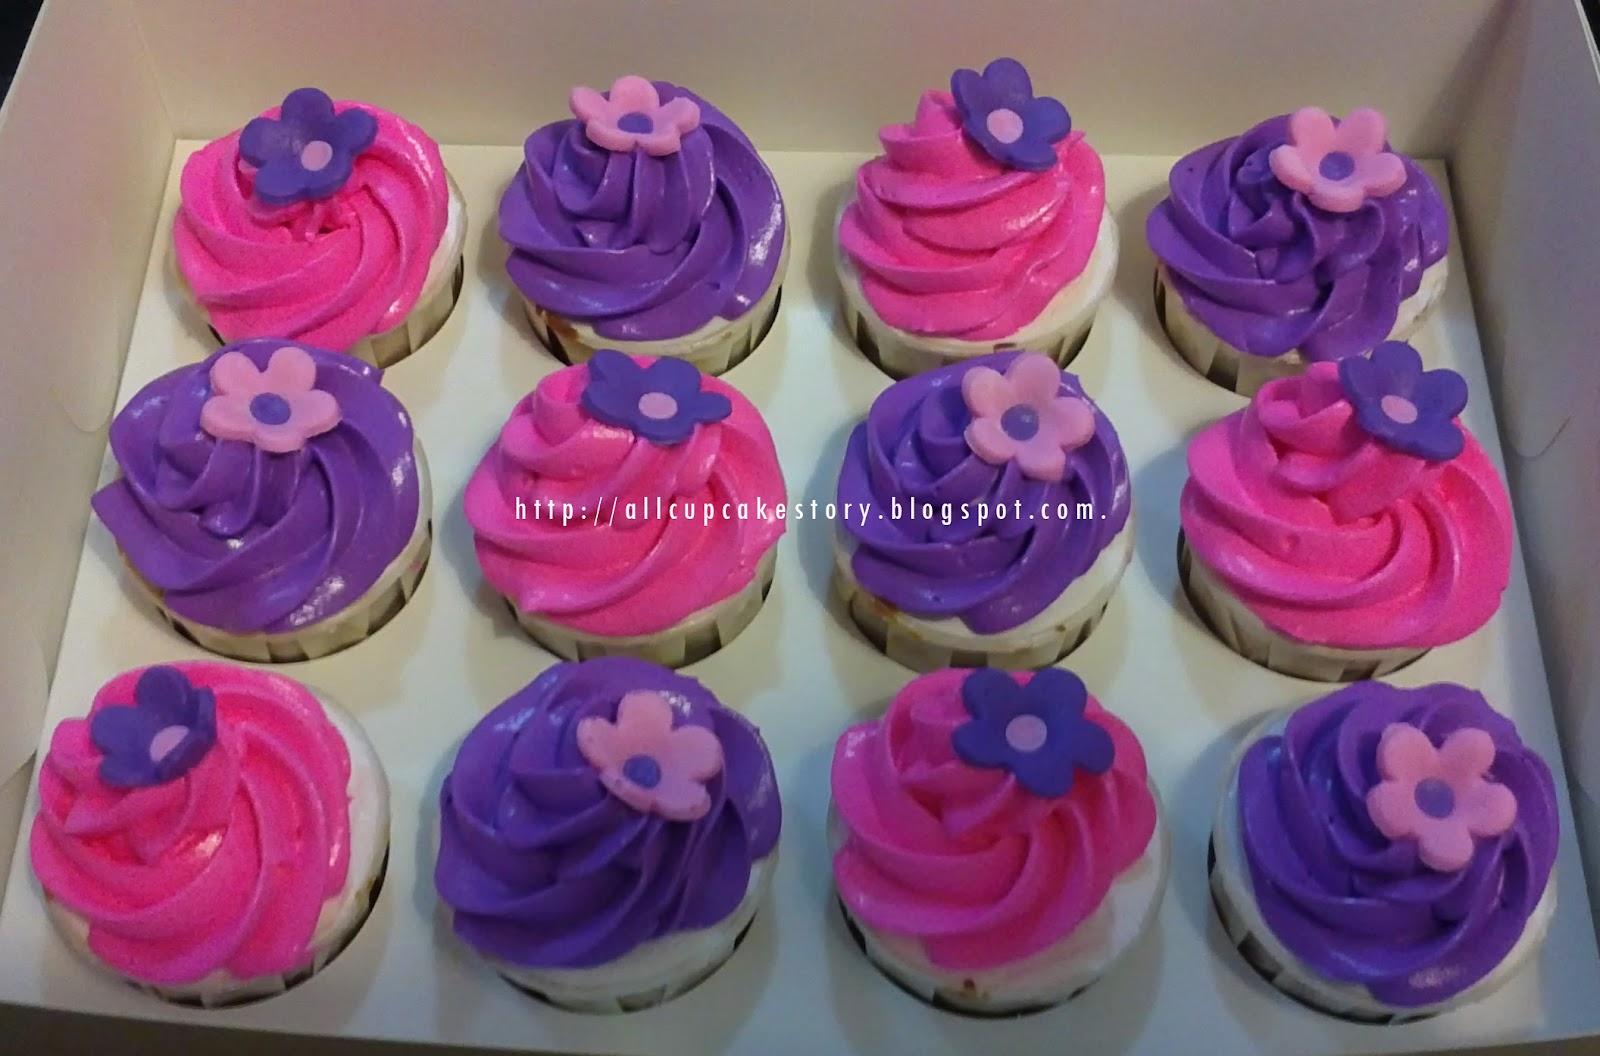 allcupcakestory pink purple engagement cake amp cupcake